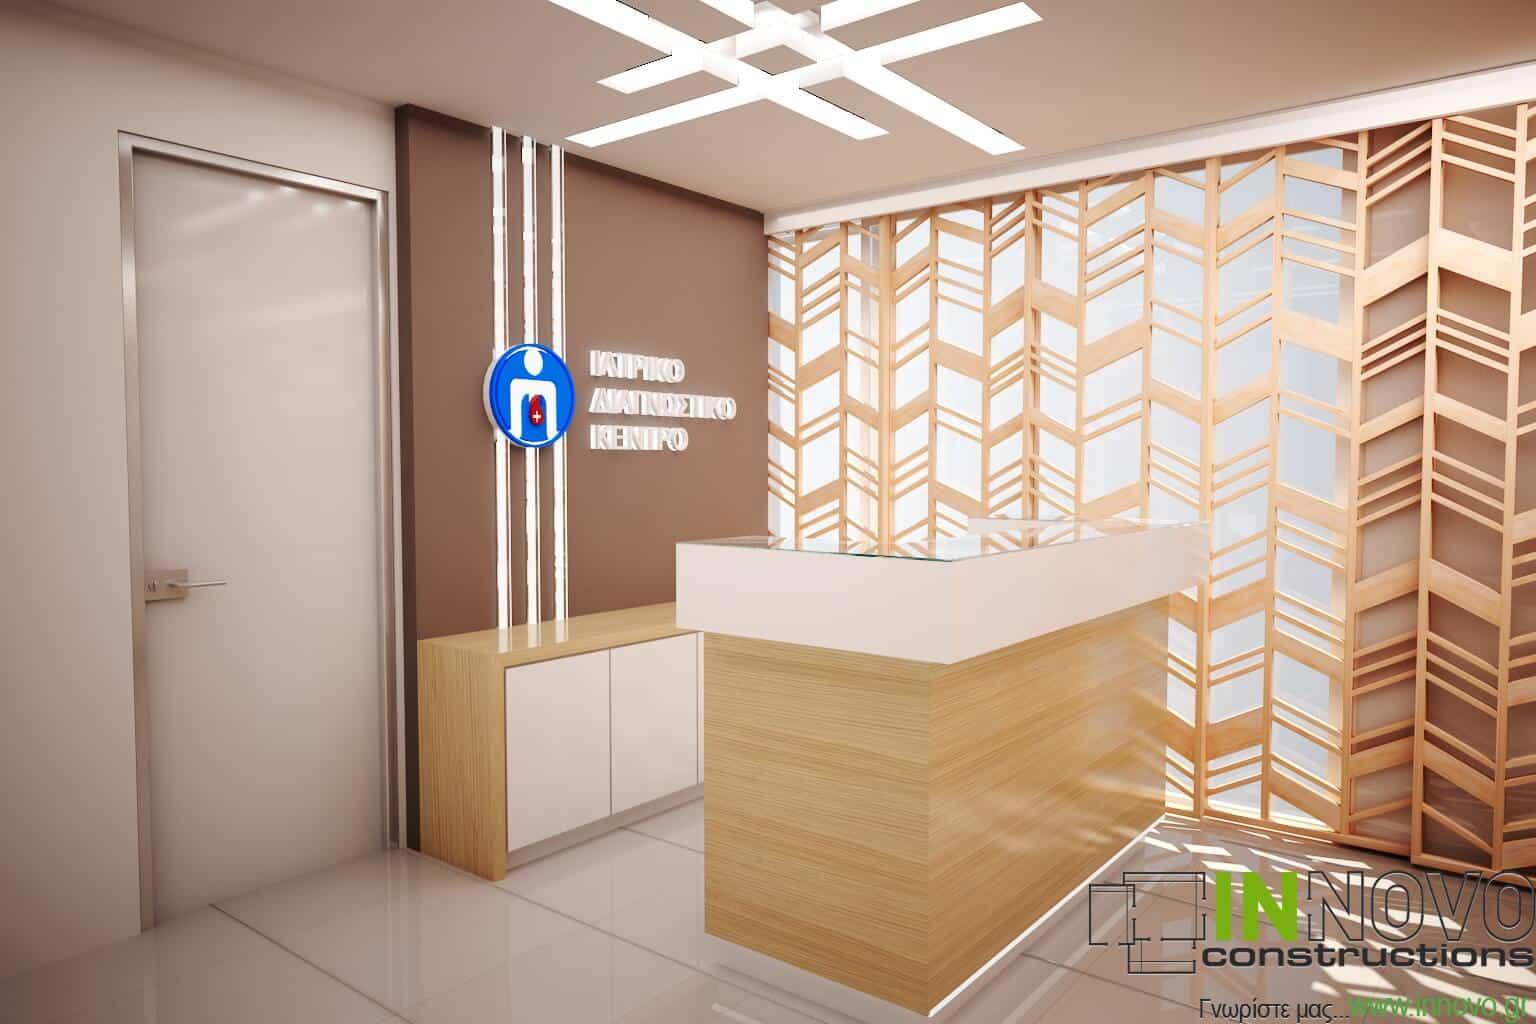 Σχεδιασμός επίπλωσης reception διαγνωστικού κέντρου στην Καλλιθέα